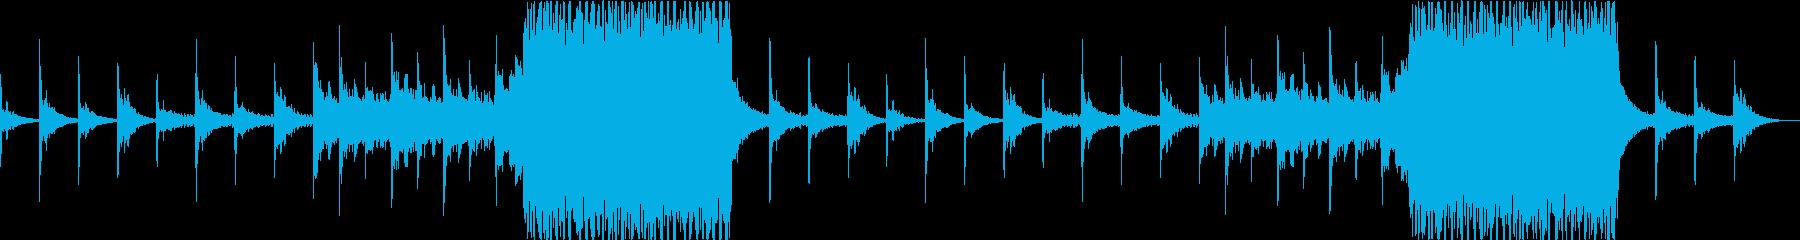 終末感漂うホラー、ダーク系のBGMの再生済みの波形